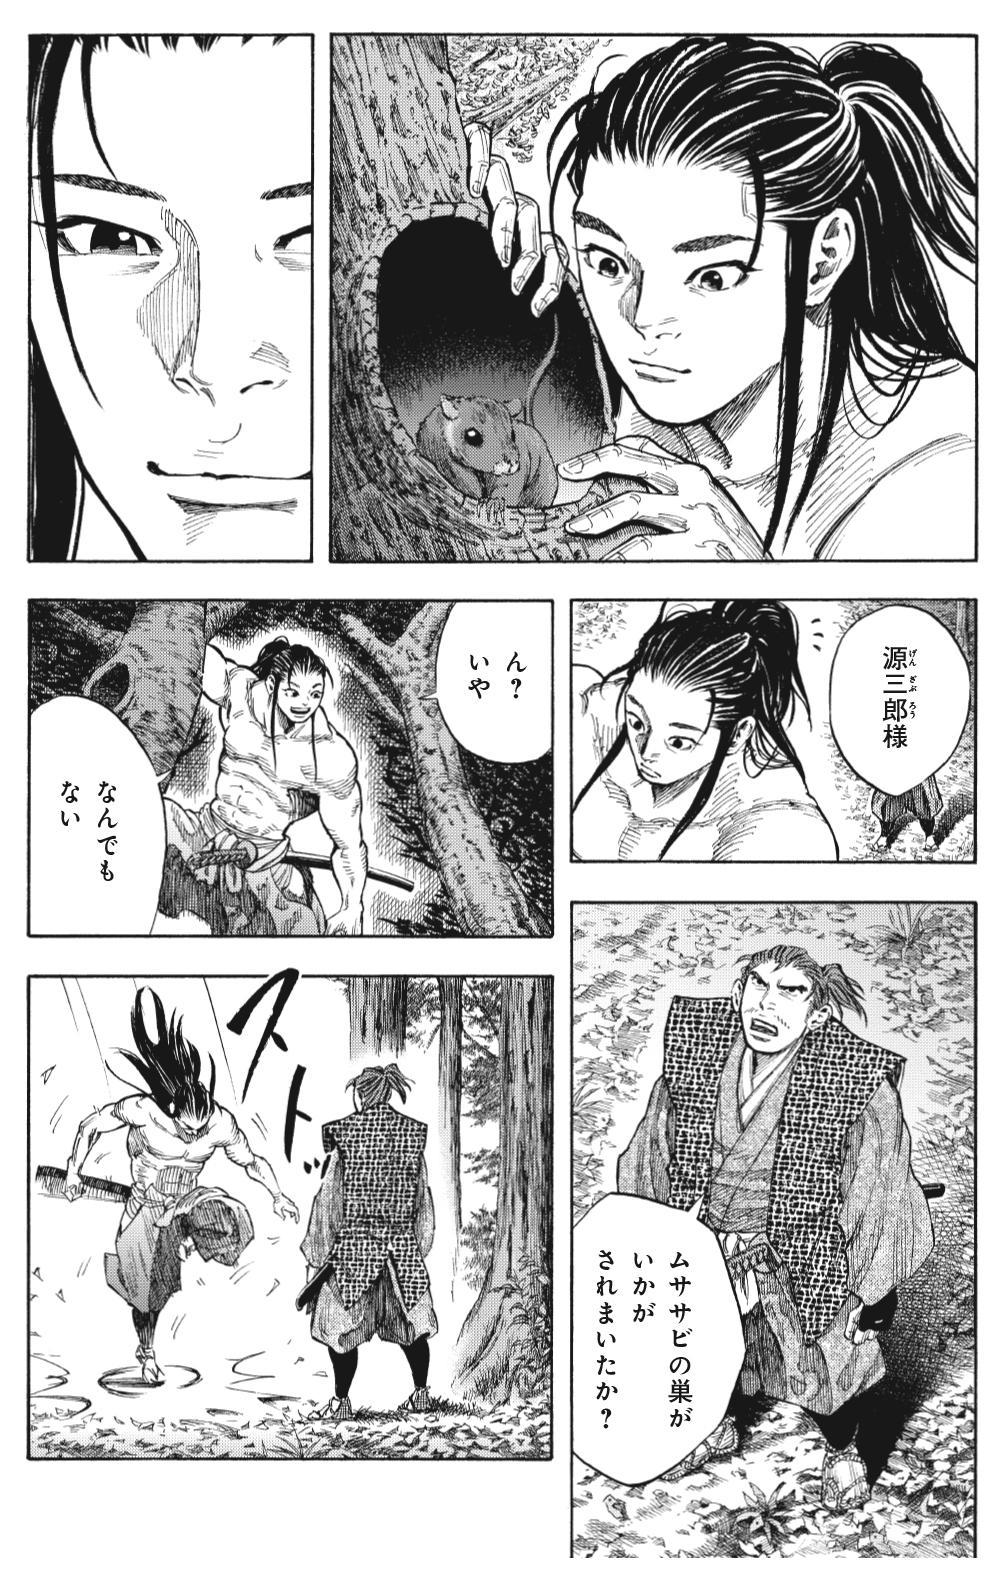 真田太平記 第8話「真田兄弟」①sanada14-09.jpg